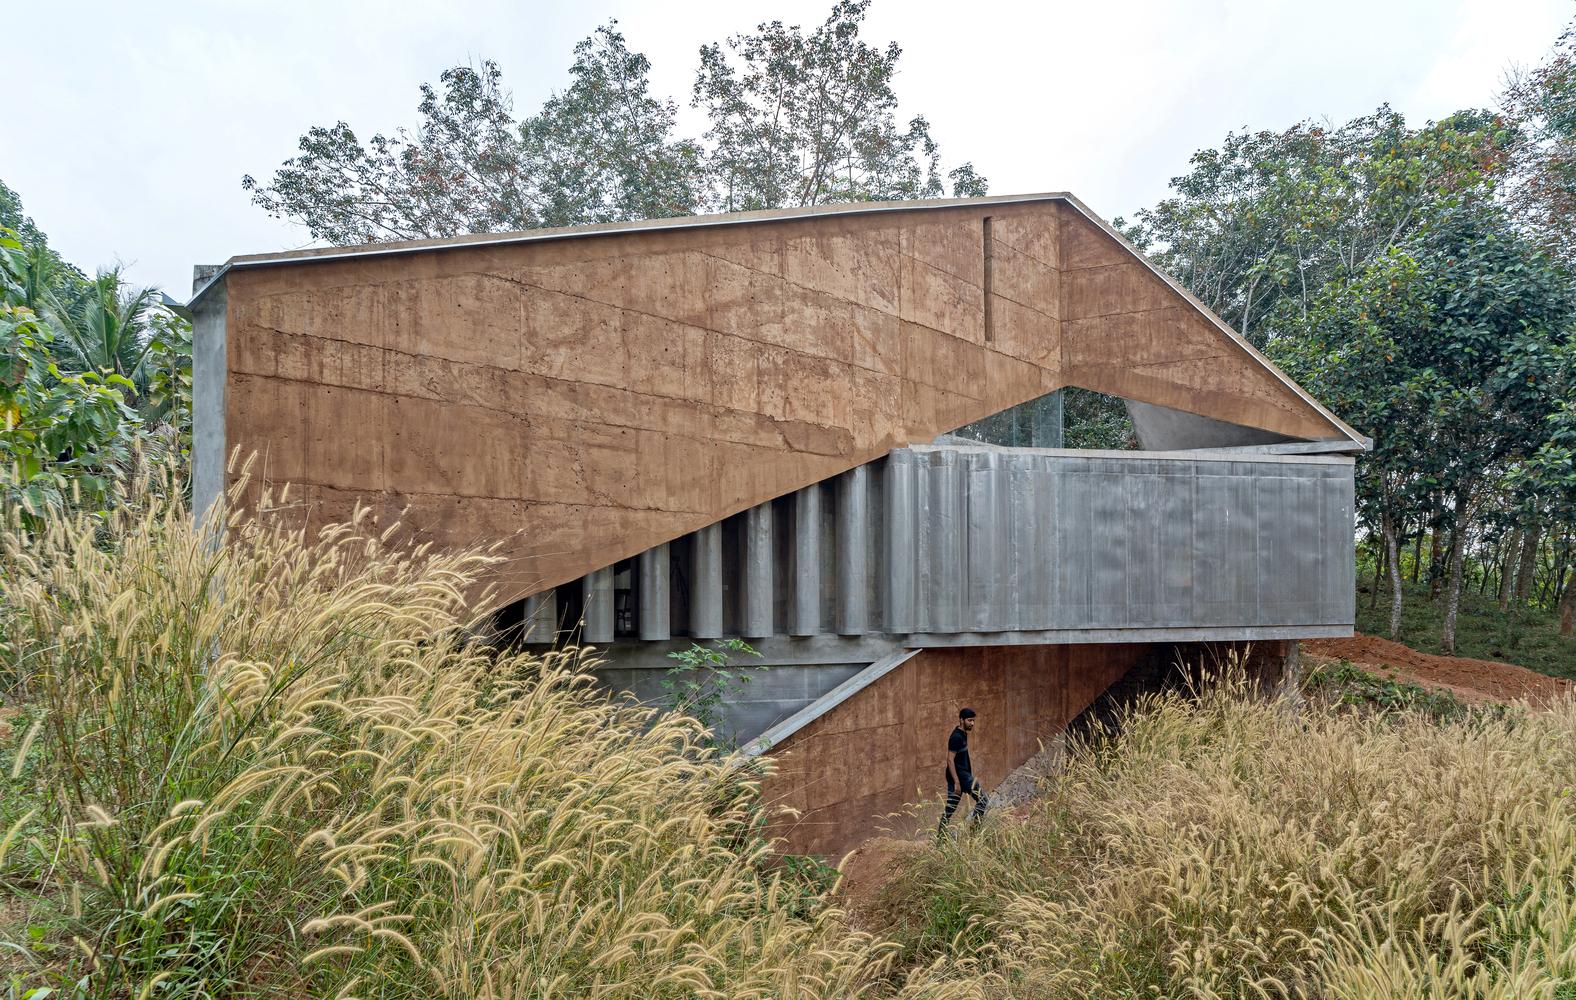 Shikhara House by Wallmakers